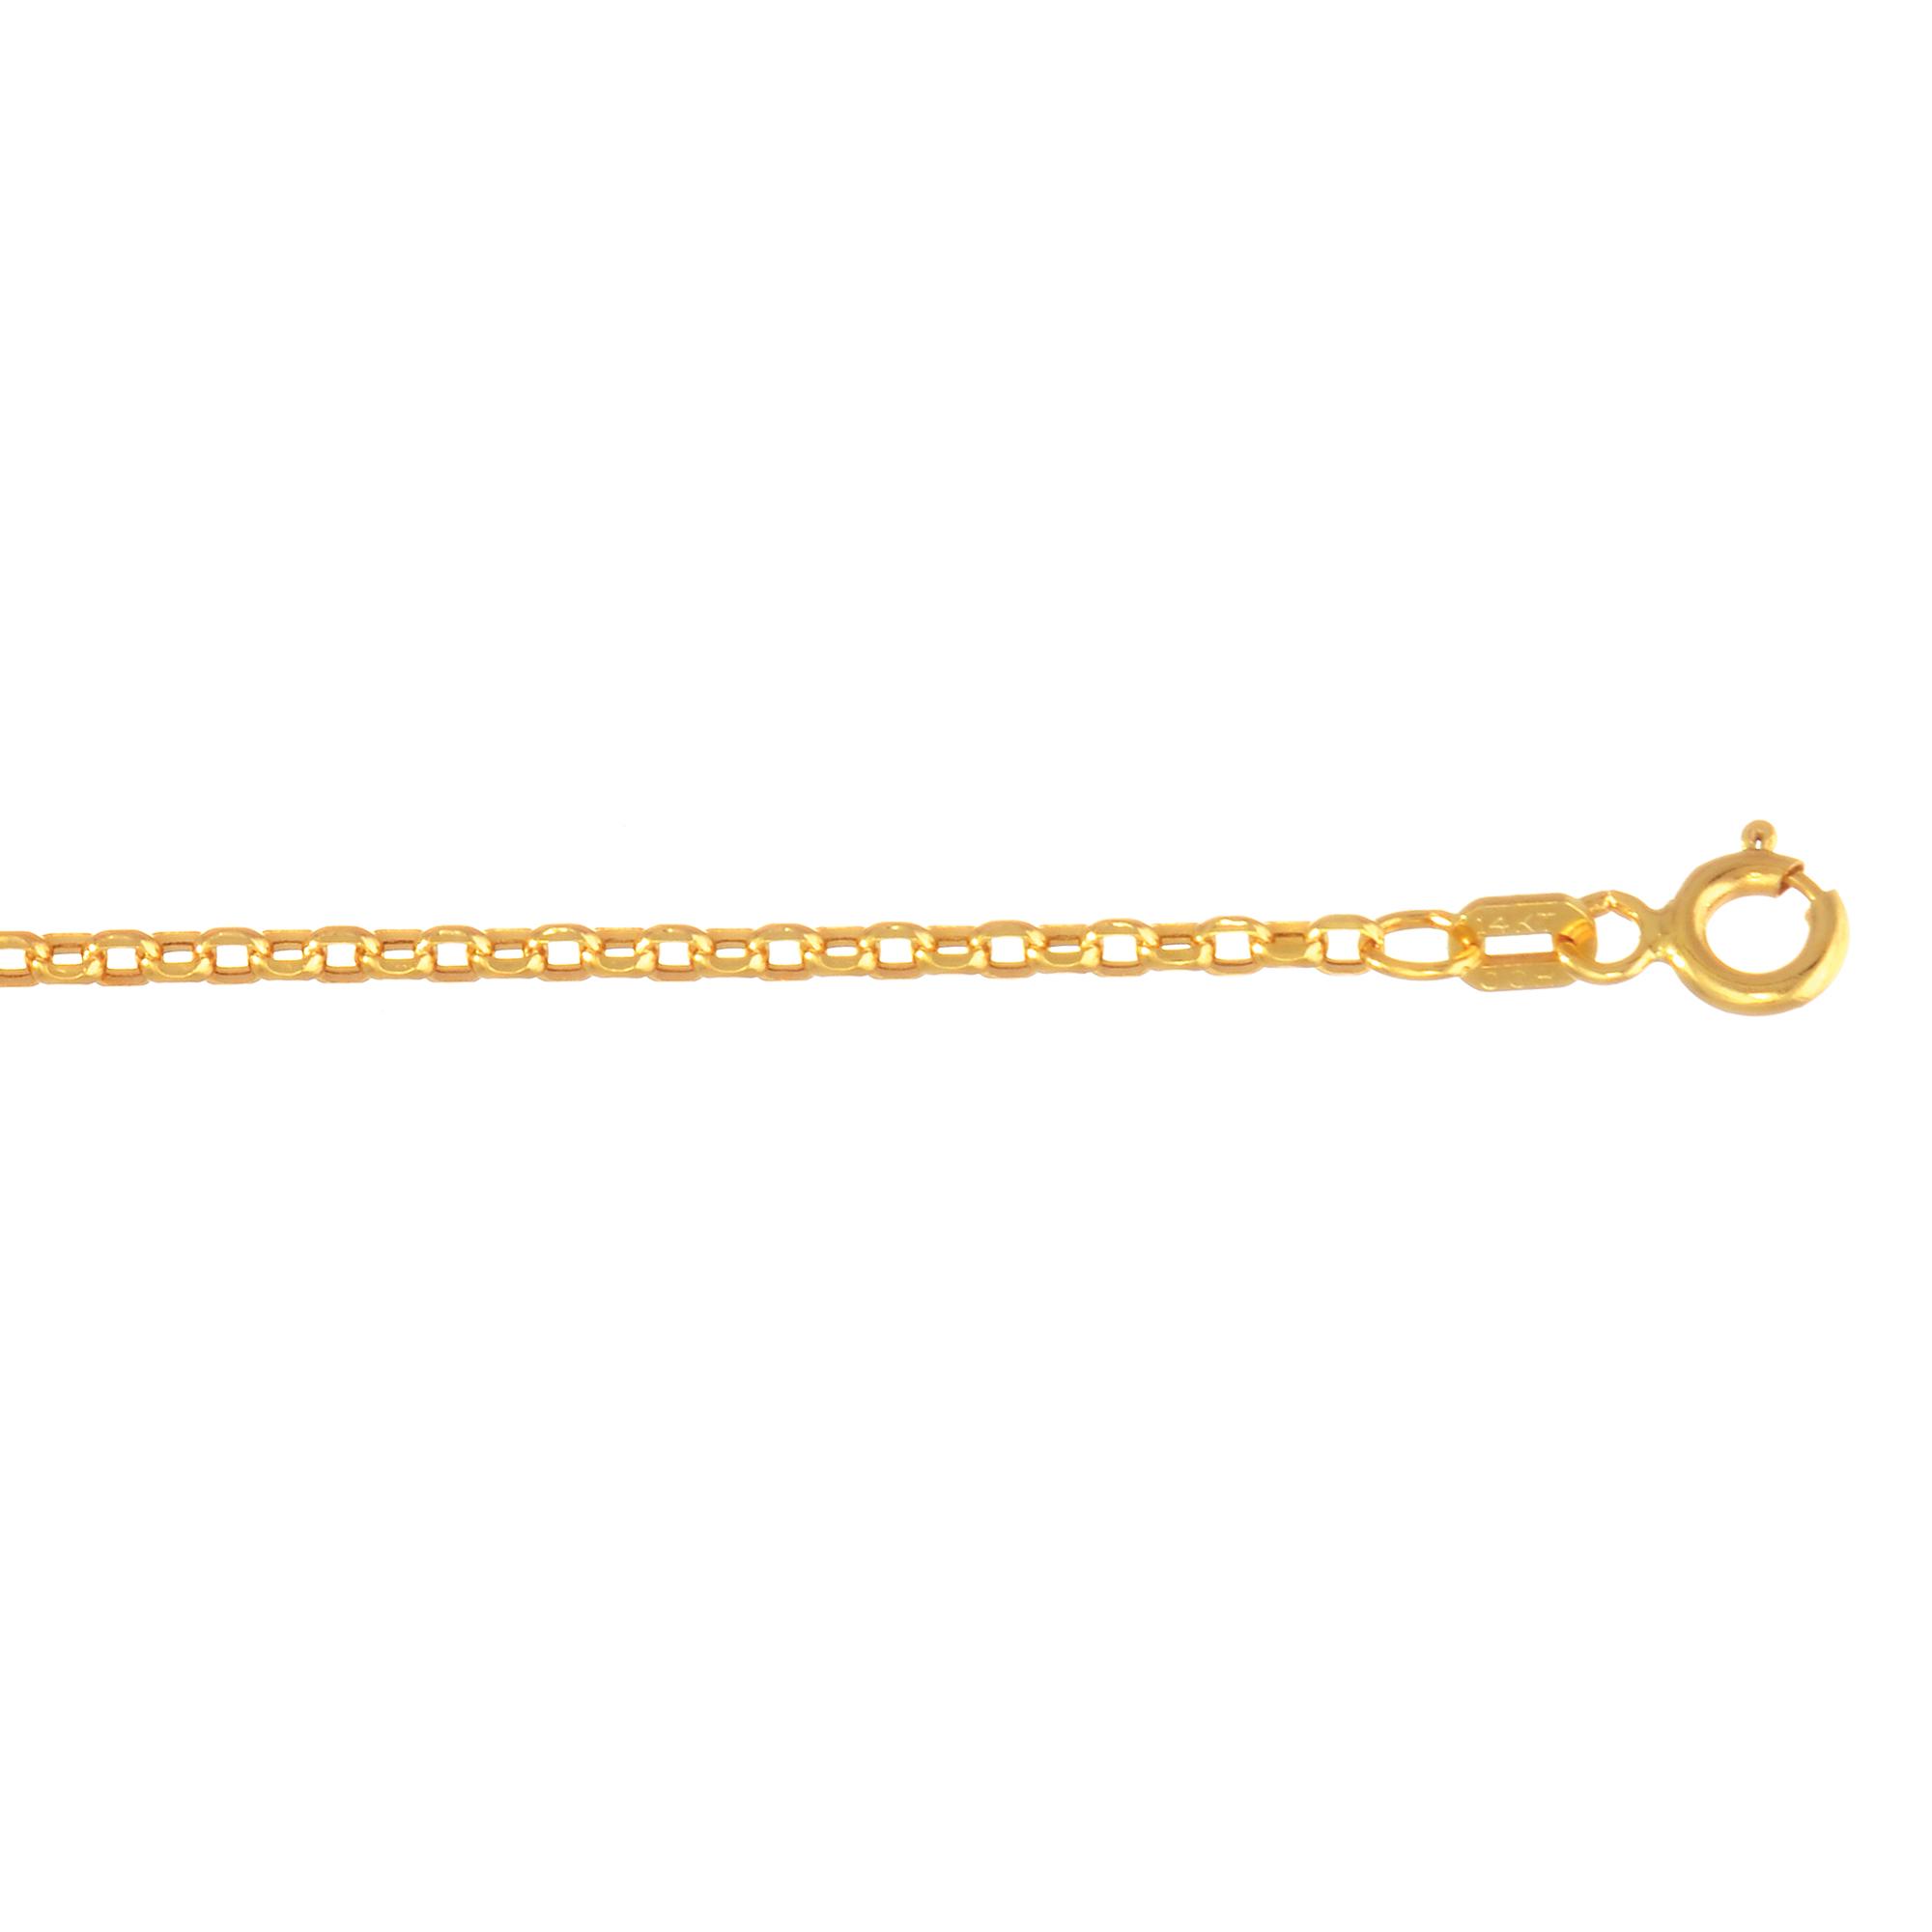 Hollow 14k Gold Rolo Chain For Men & Women Diamond Cut 1.5mm Wide